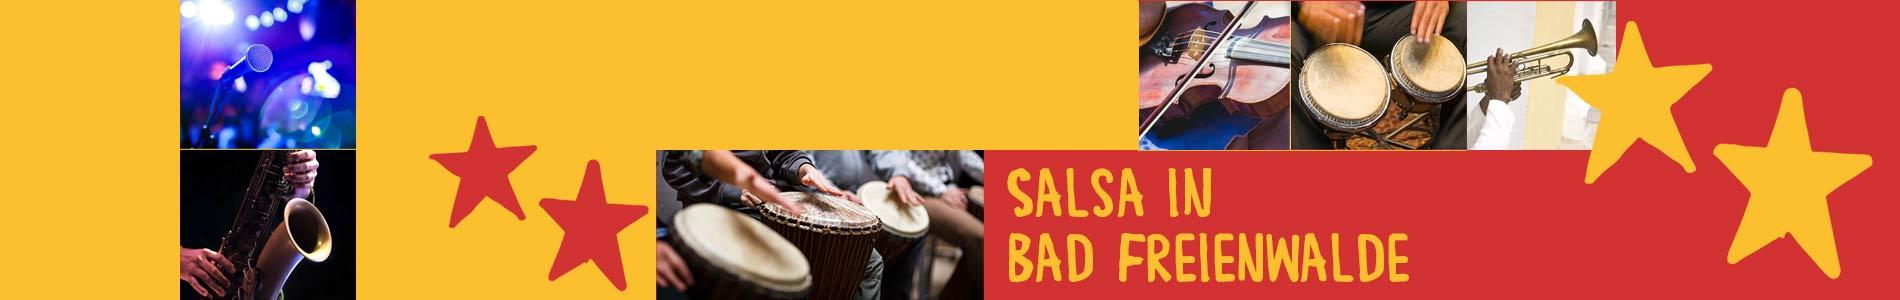 Salsa in Bad Freienwalde – Salsa lernen und tanzen, Tanzkurse, Partys, Veranstaltungen